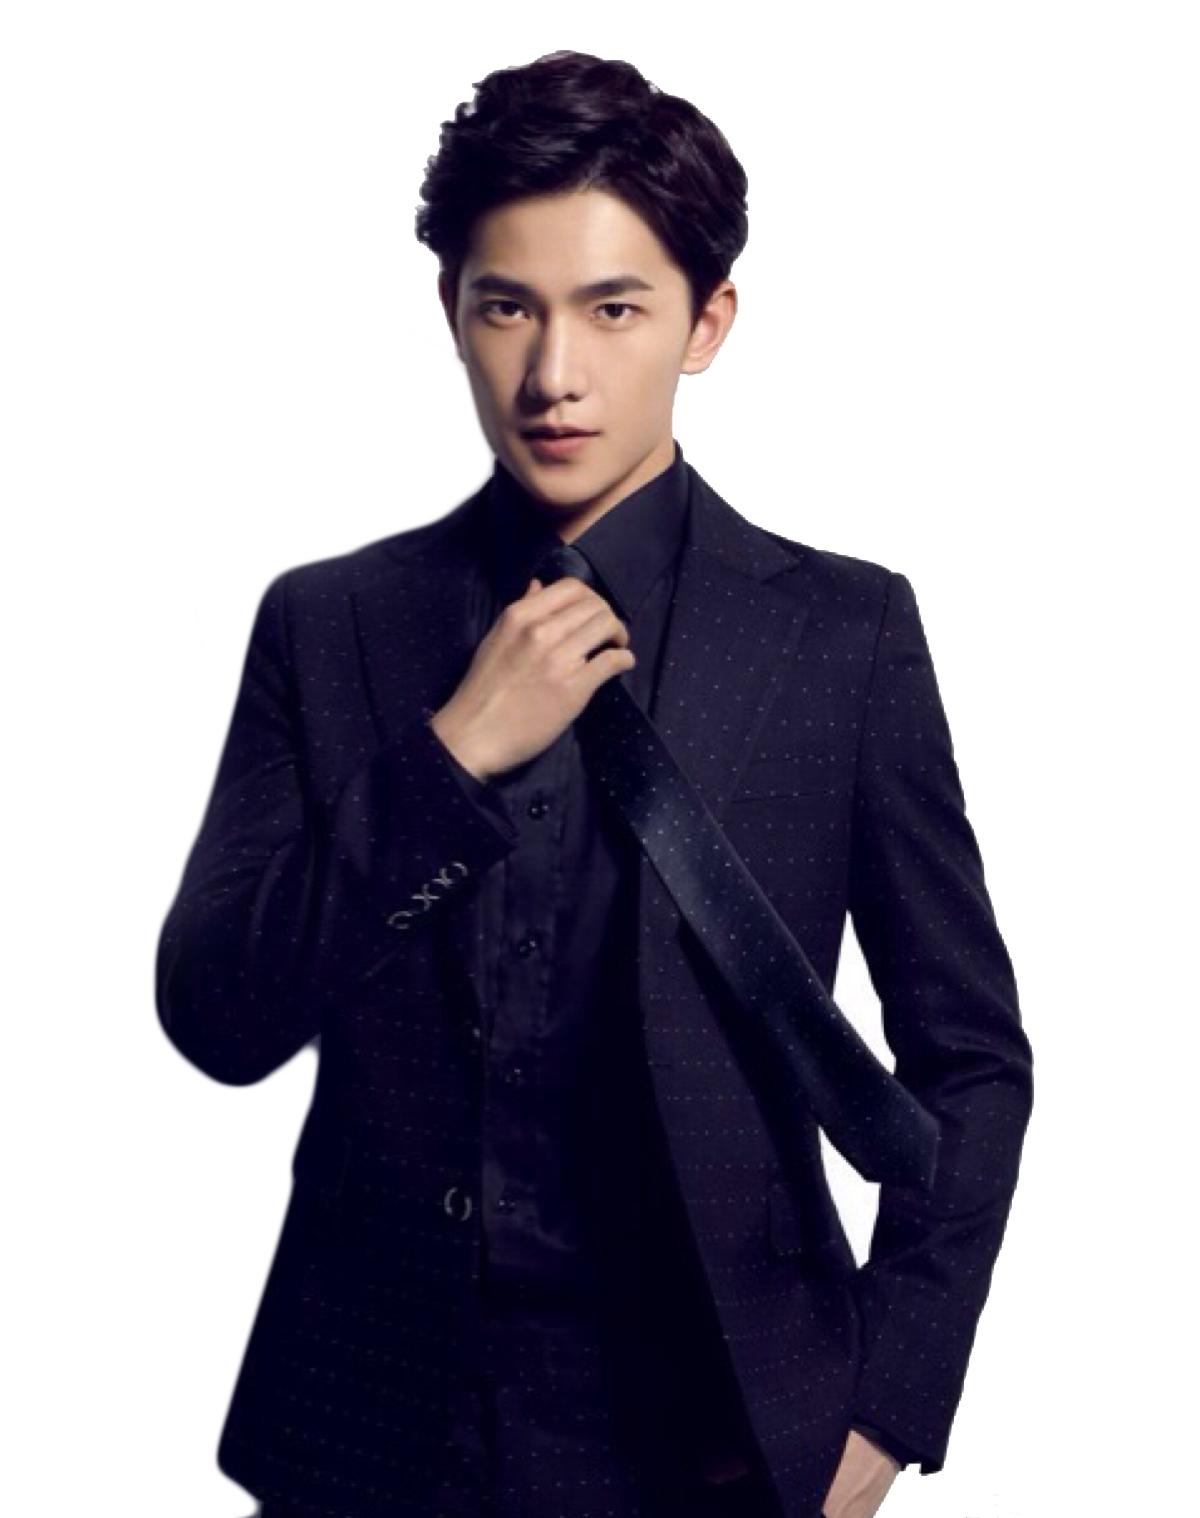 杨洋,中国内地男演员,1991年9月9日出生于上海